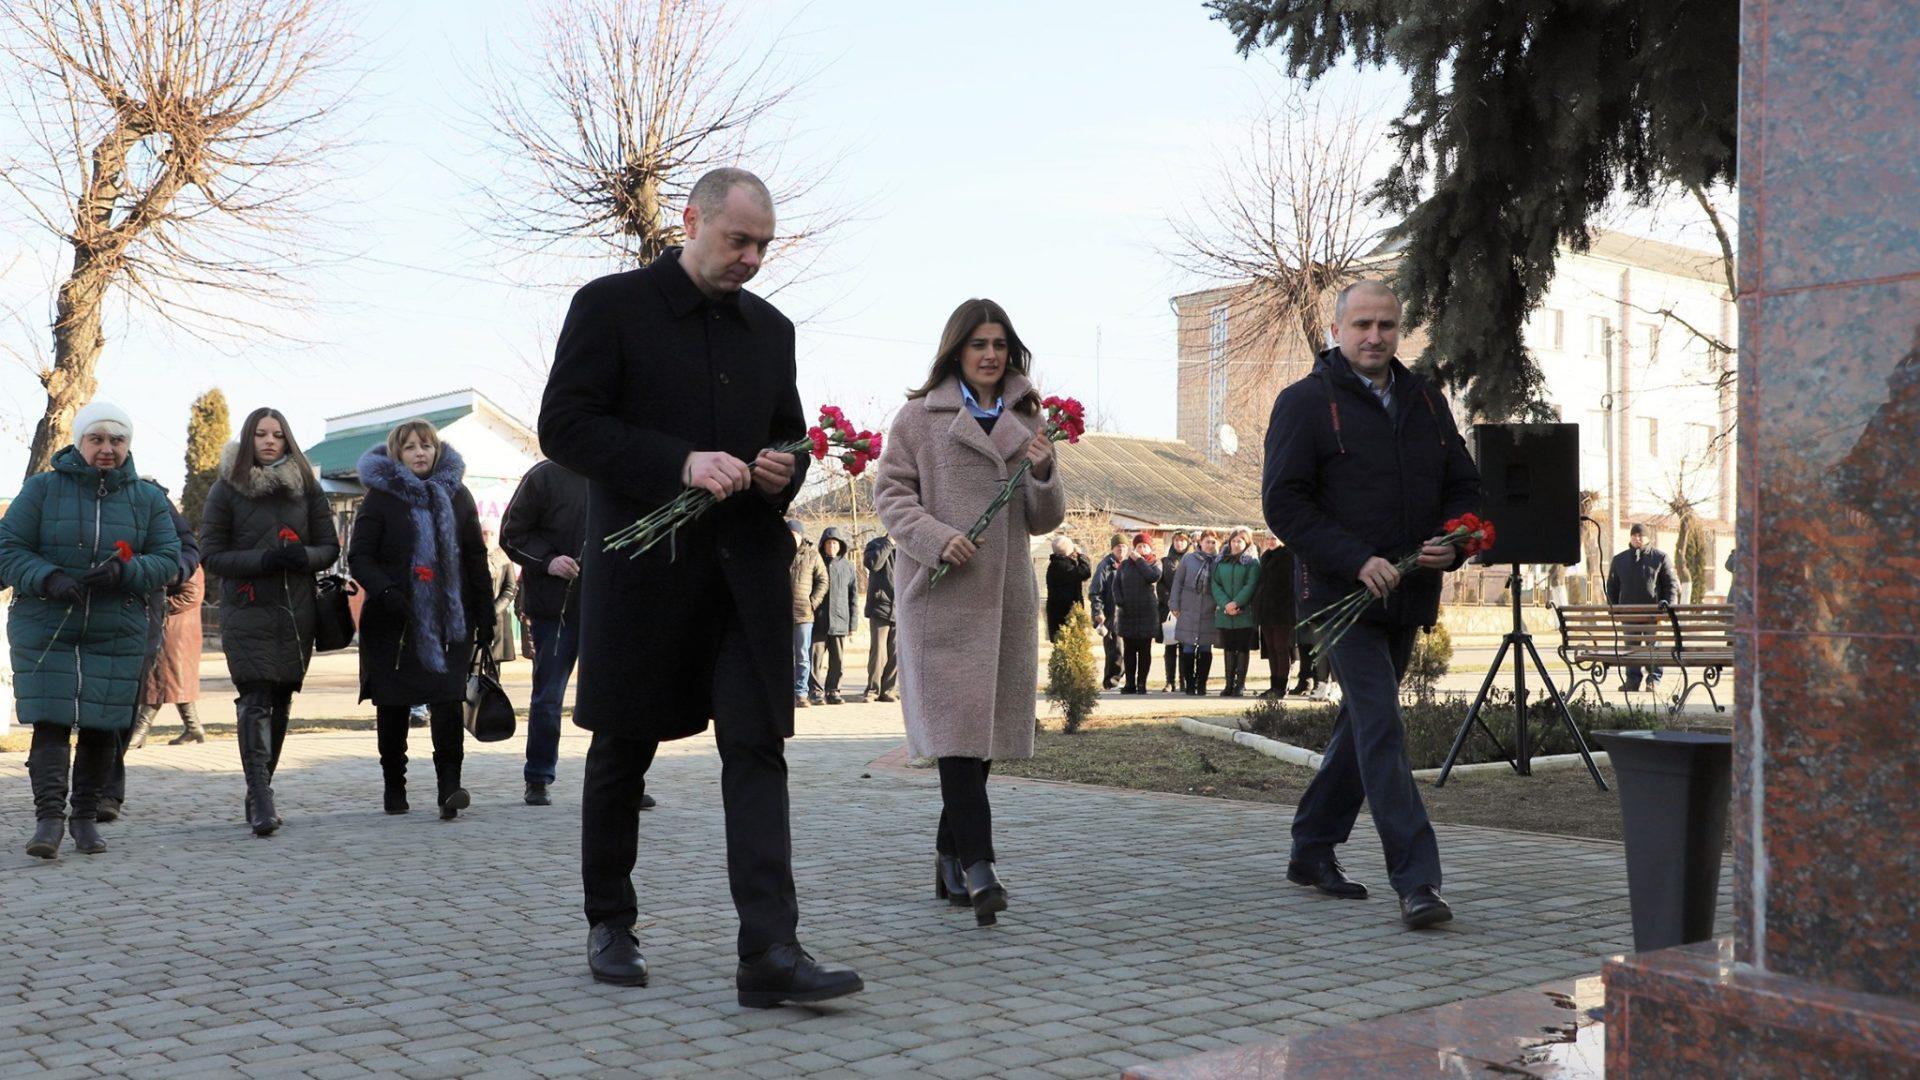 Друзі, з Днем Соборності України!